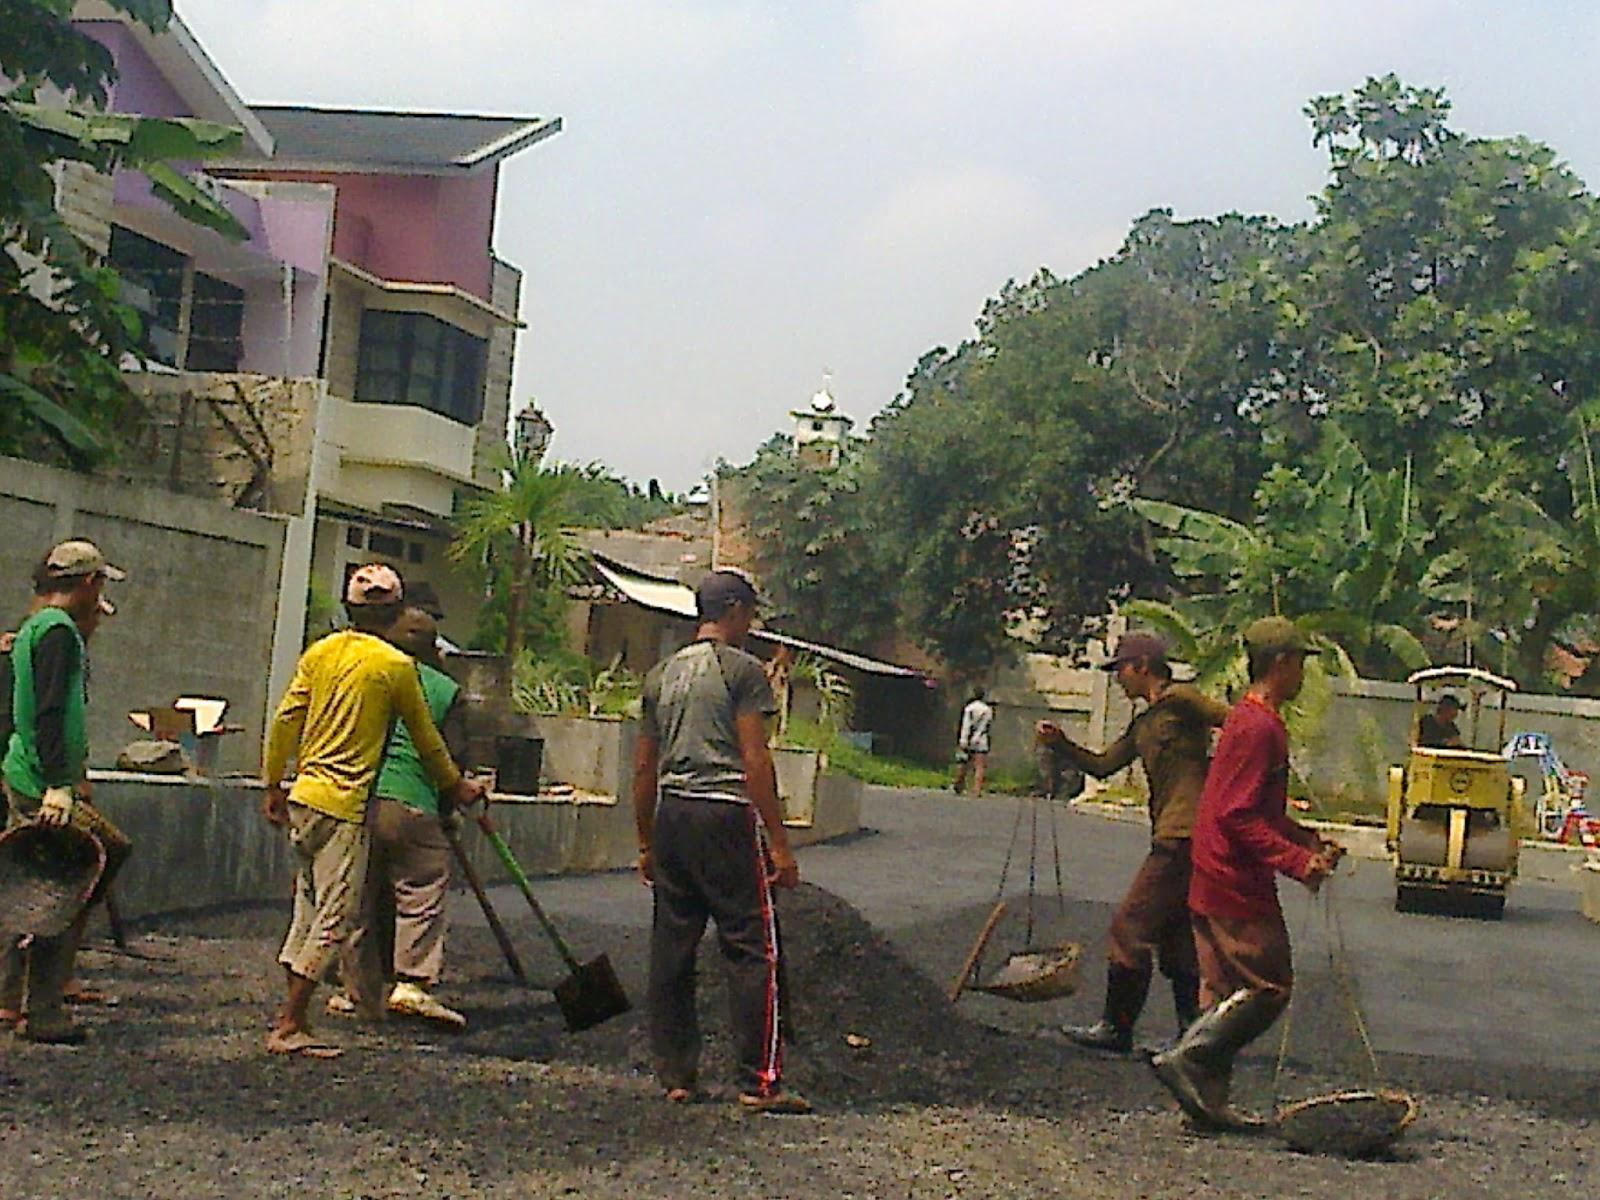 Pengaspalan aalah salah Satu caramemperbaiki kondisi jalan yang rusak